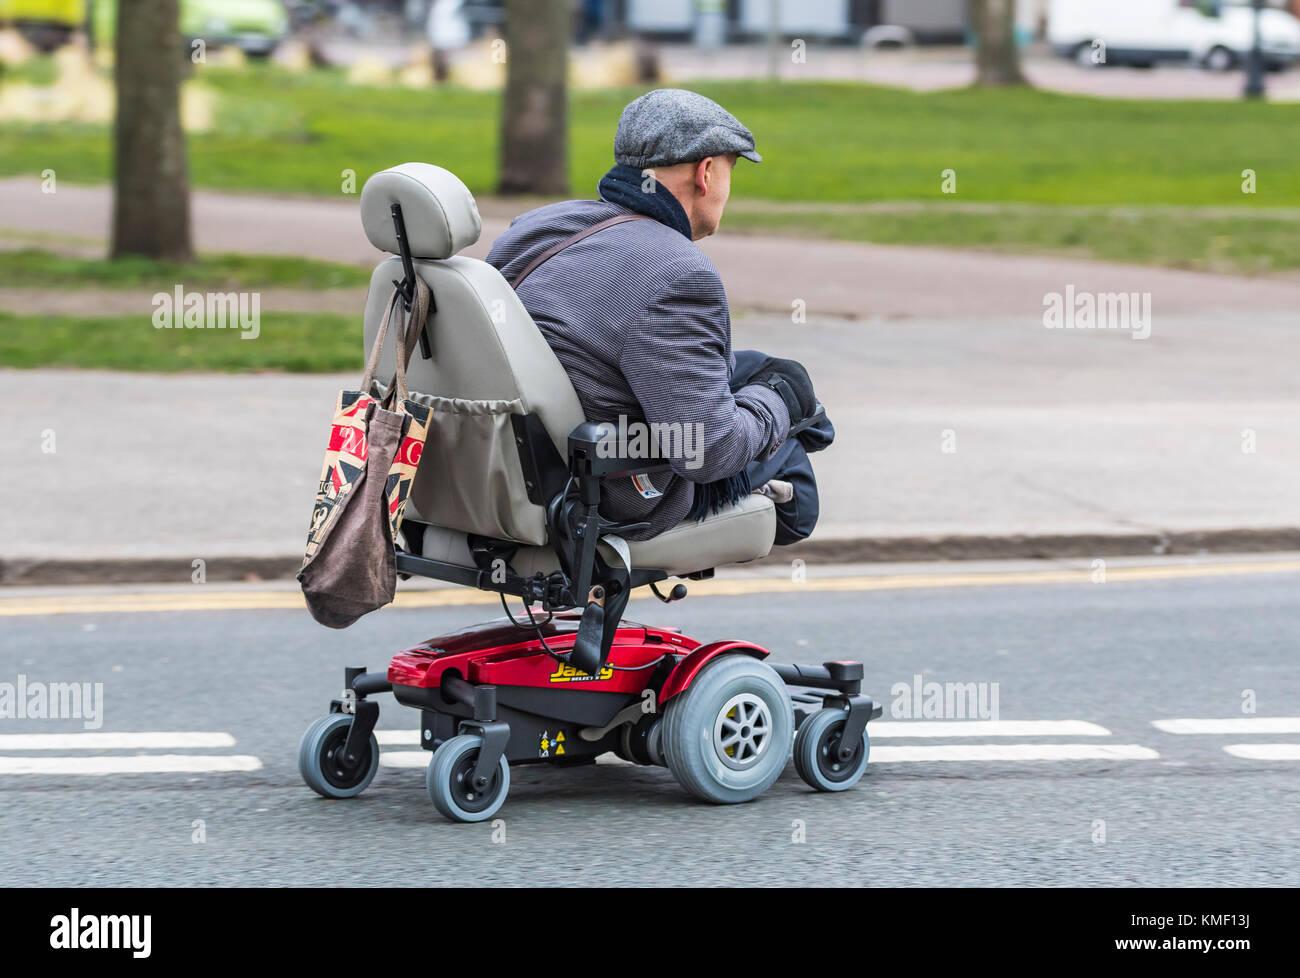 Doppio uomo amputato senza gambe in sella a un scooter di mobilità su strada nel Regno Unito. Immagini Stock